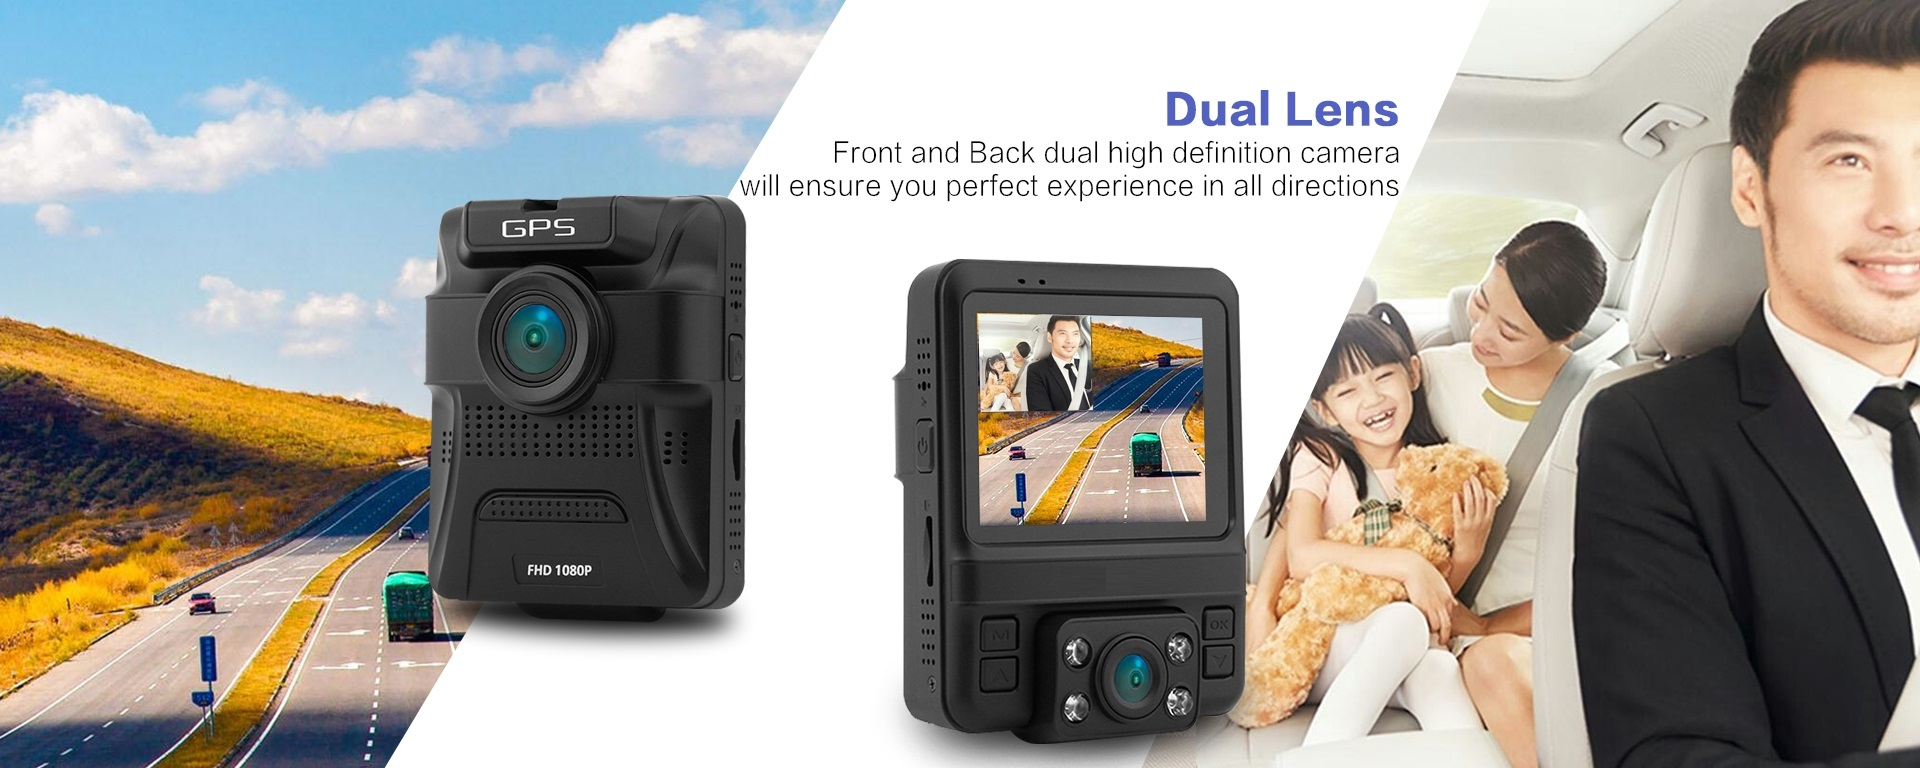 מצלמת דרך עם עדשה פנימית וחיצונית HD עם GPS מותג TAXIBOX - 2 מצלמות